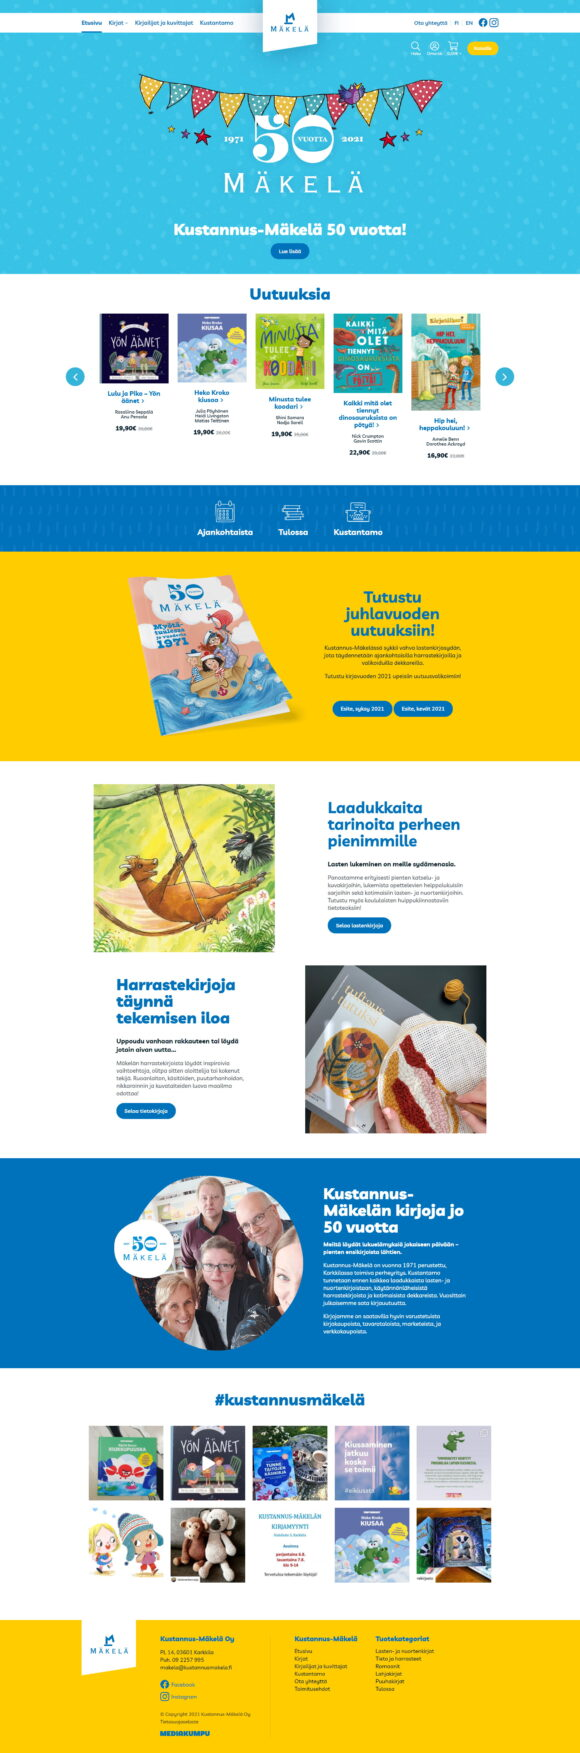 WooCommerce-verkkokauppa: Kustannus-Mäkelä kirjakauppa, etusivu - Mediakumpu